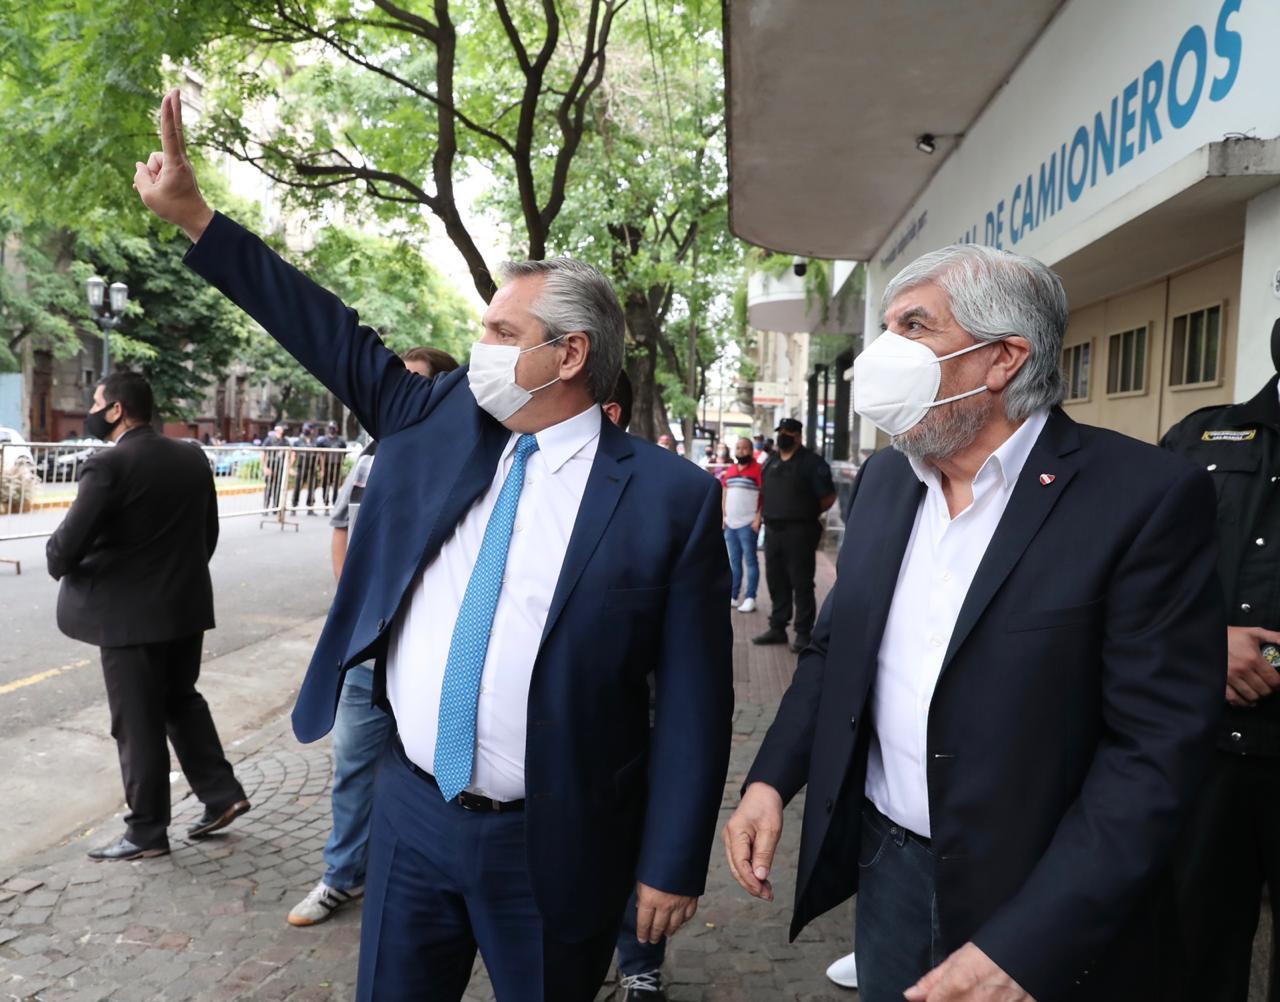 Alberto participó de la celebración del día del camionero y destacó la figura de Moyano